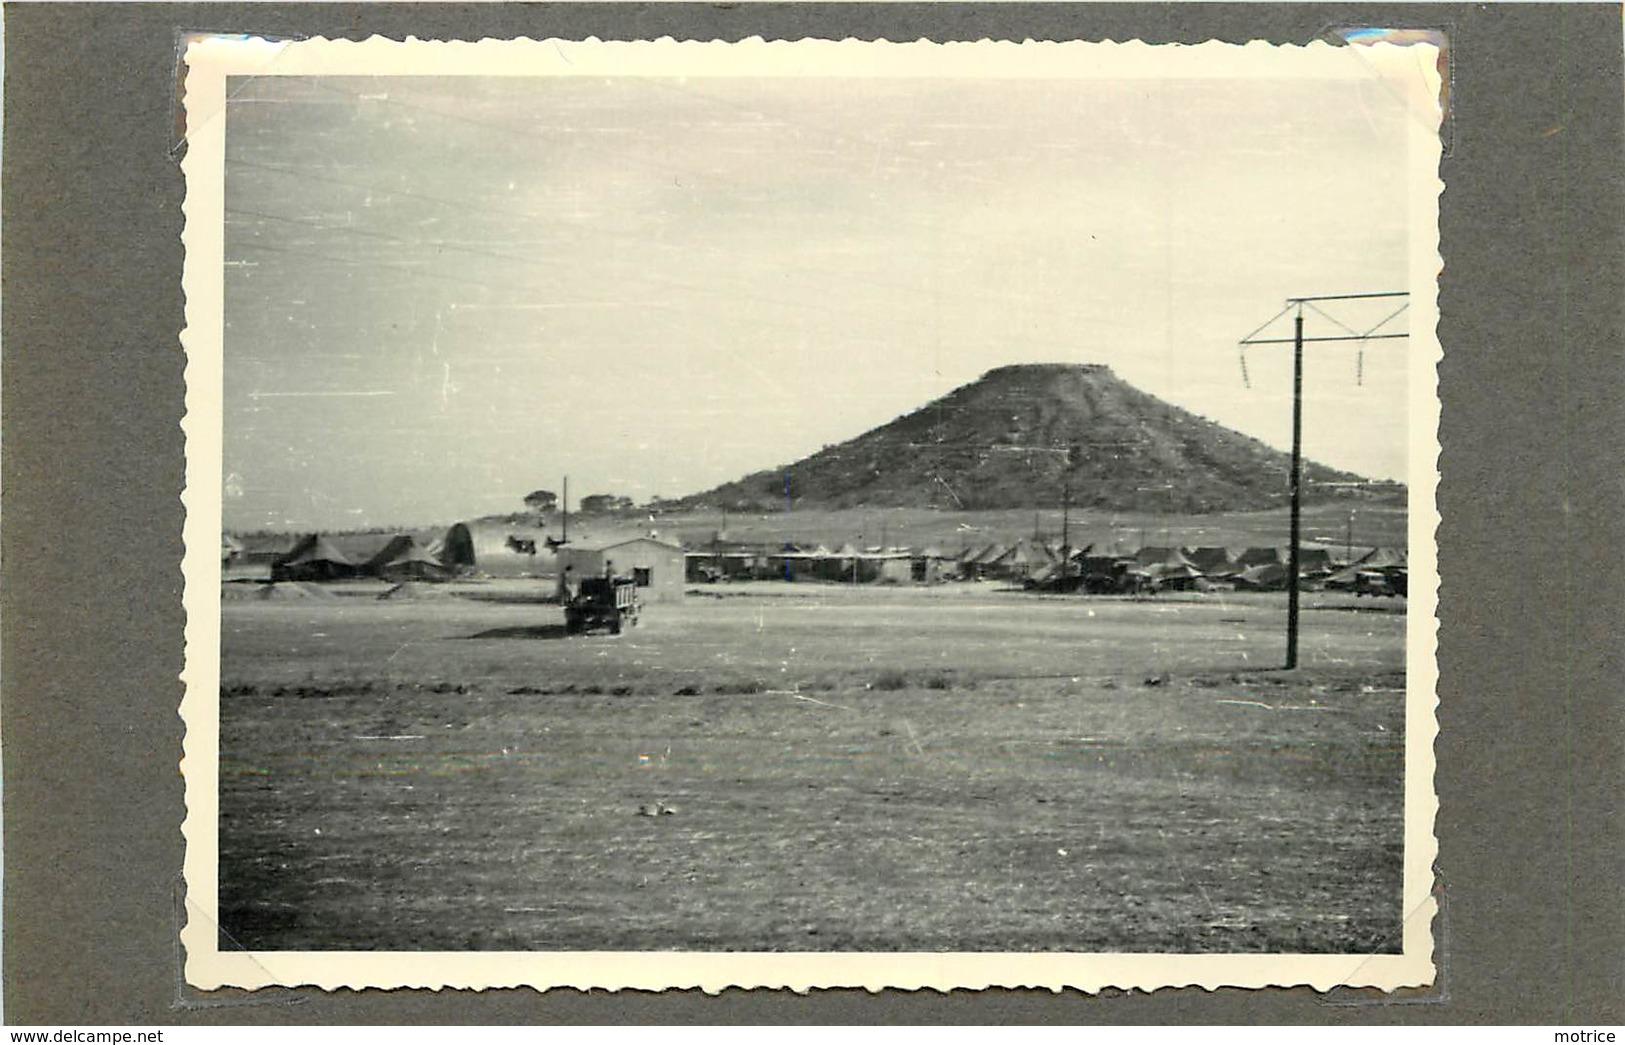 CHYPRE (militaires) - Le Camp X ,novembre 1956 (  Photo  Format 10,8cm X 8,2 Cm). - War, Military